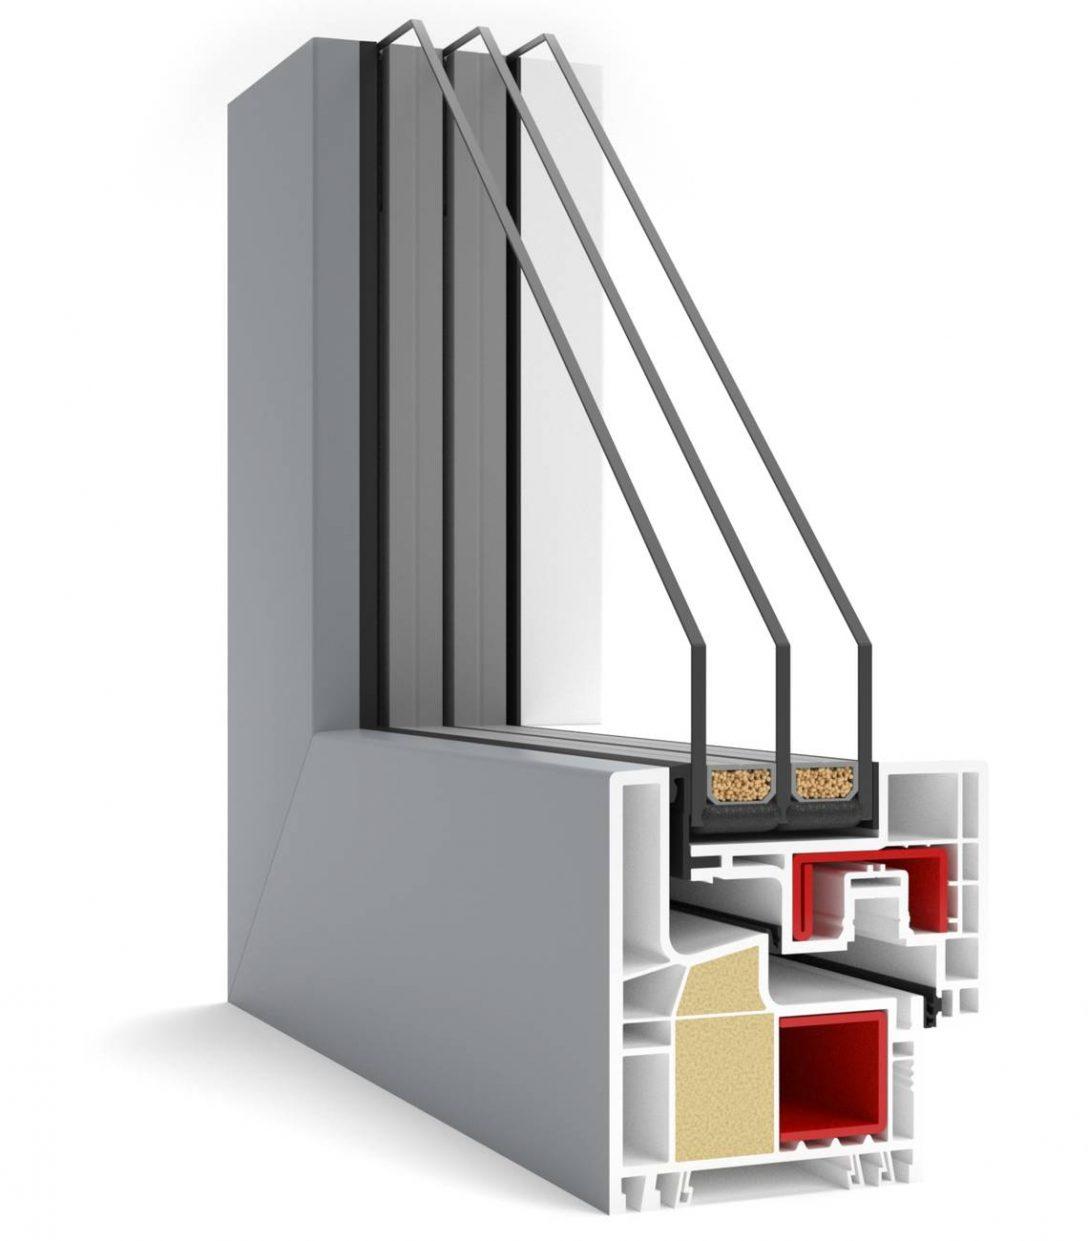 Large Size of Fenster Welten Gealan Kubus Gmbh Insektenschutz Für Mit Lüftung Schallschutz Sichtschutzfolie Aluplast Bauhaus Günstige 120x120 Rehau Rollo Klebefolie Roro Fenster Fenster Welten